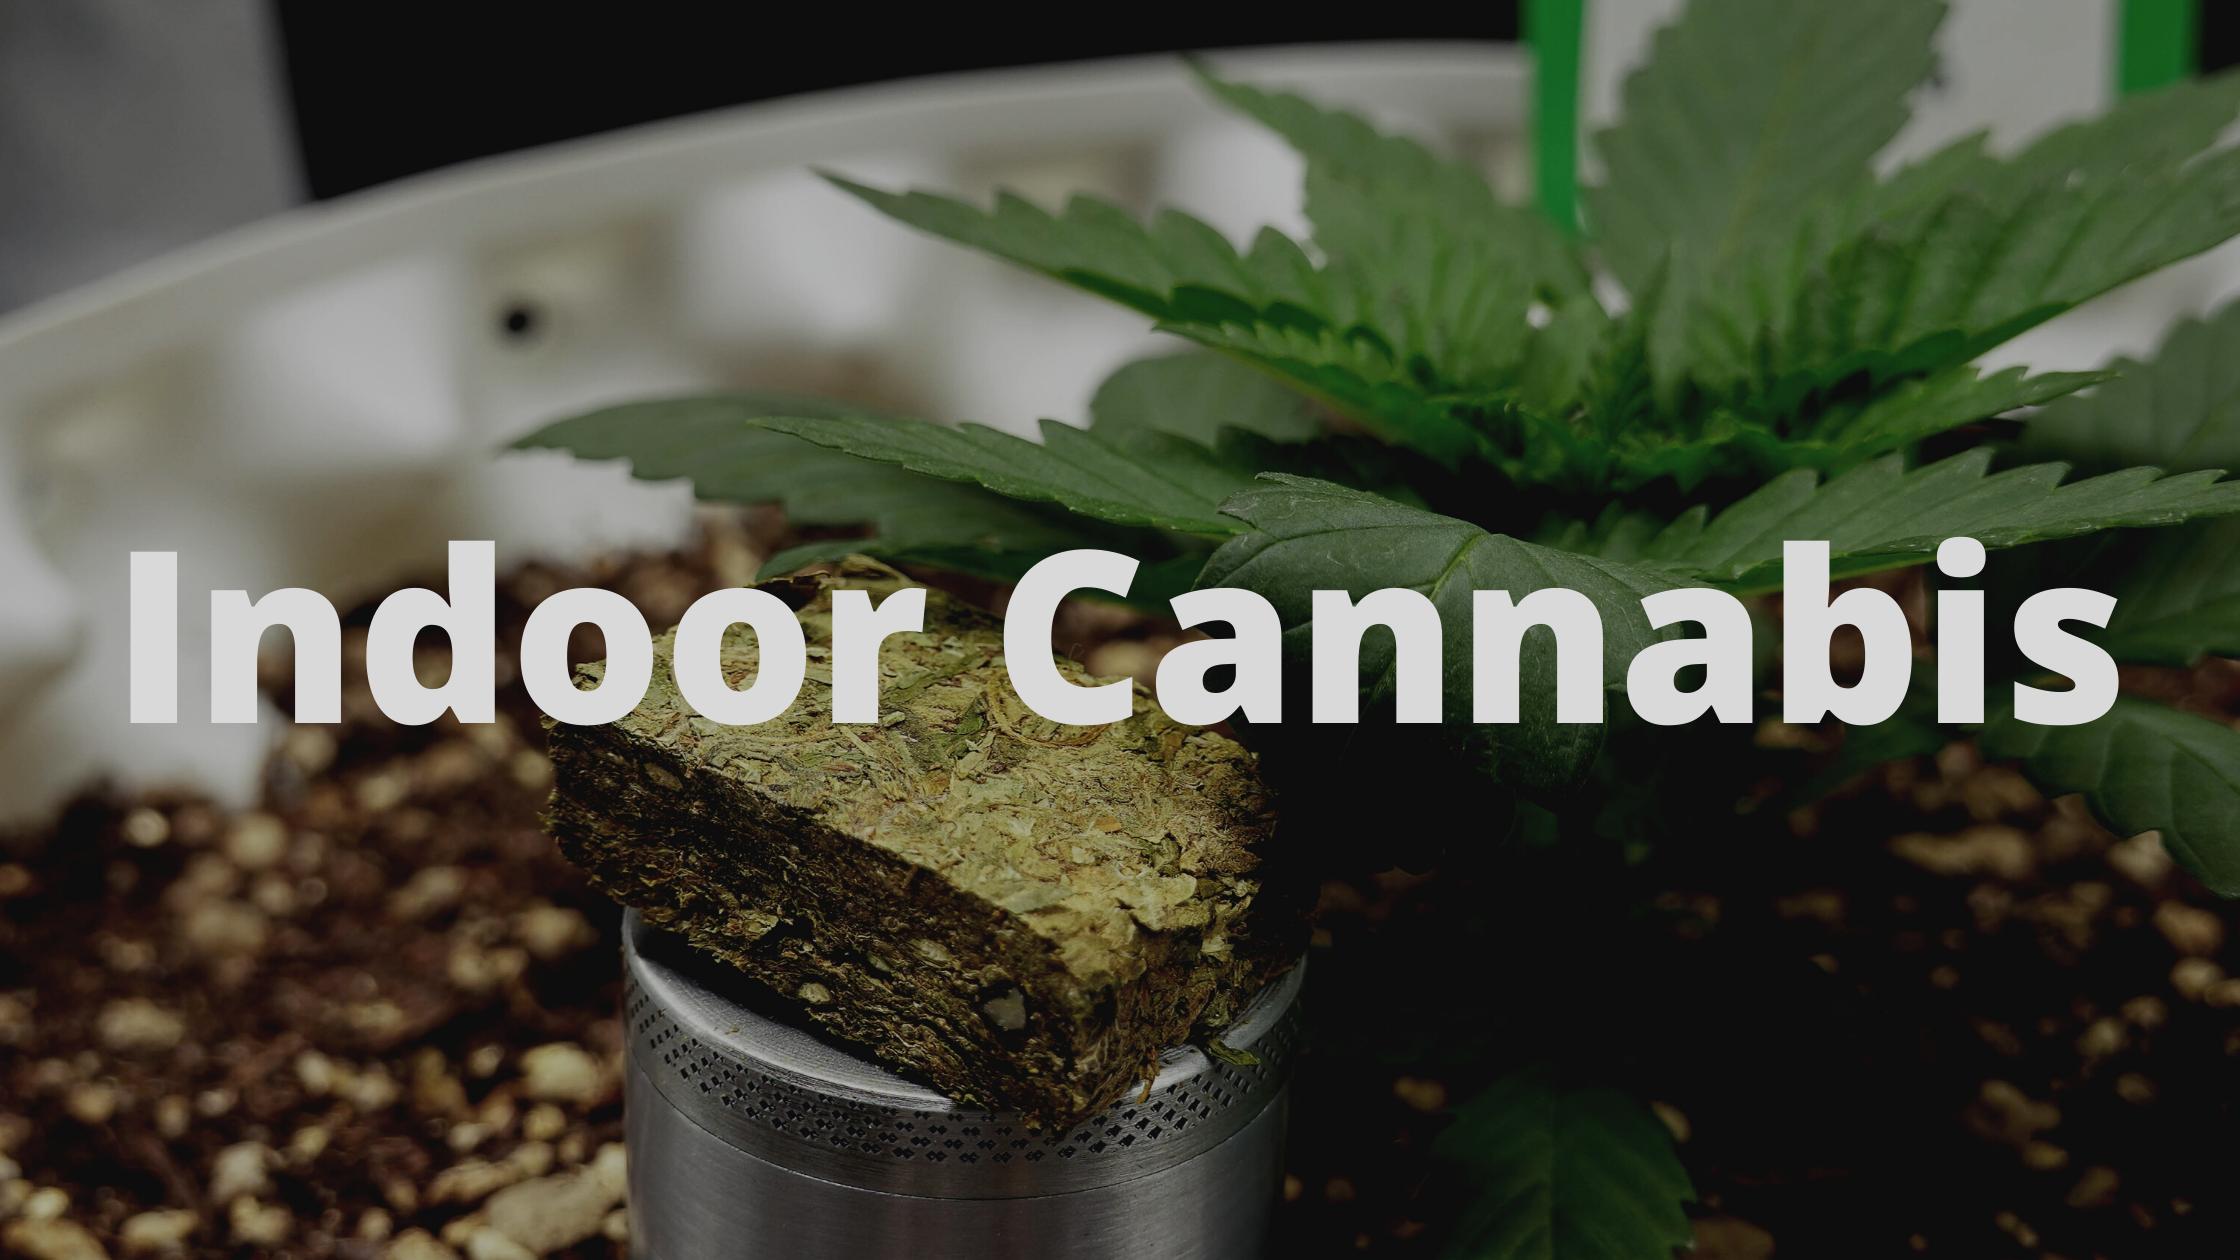 Indoor Cannabis Strains